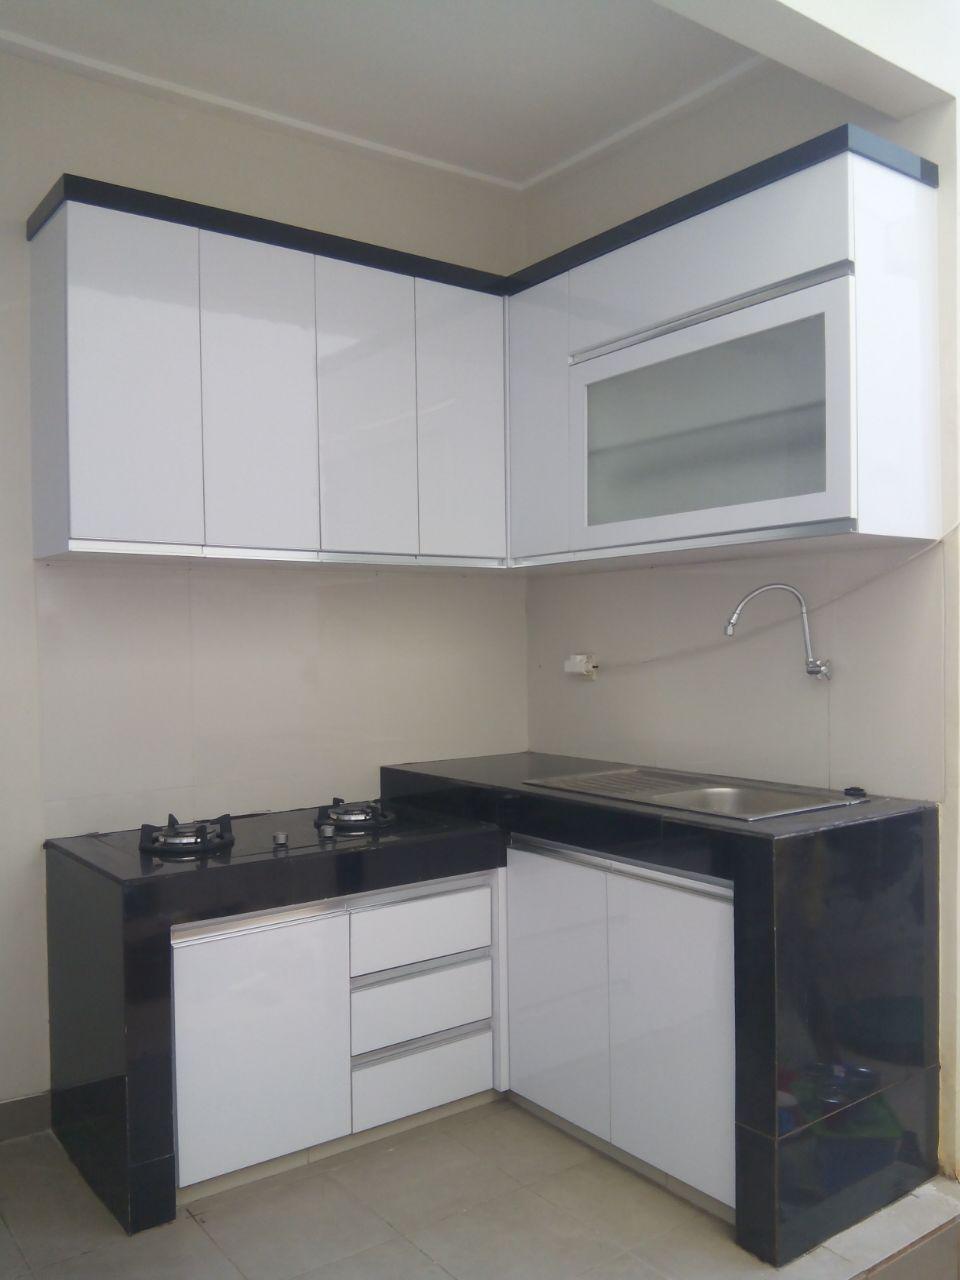 Kitchenset cikarang karawang bekasi kitchen set minimalis cikarang